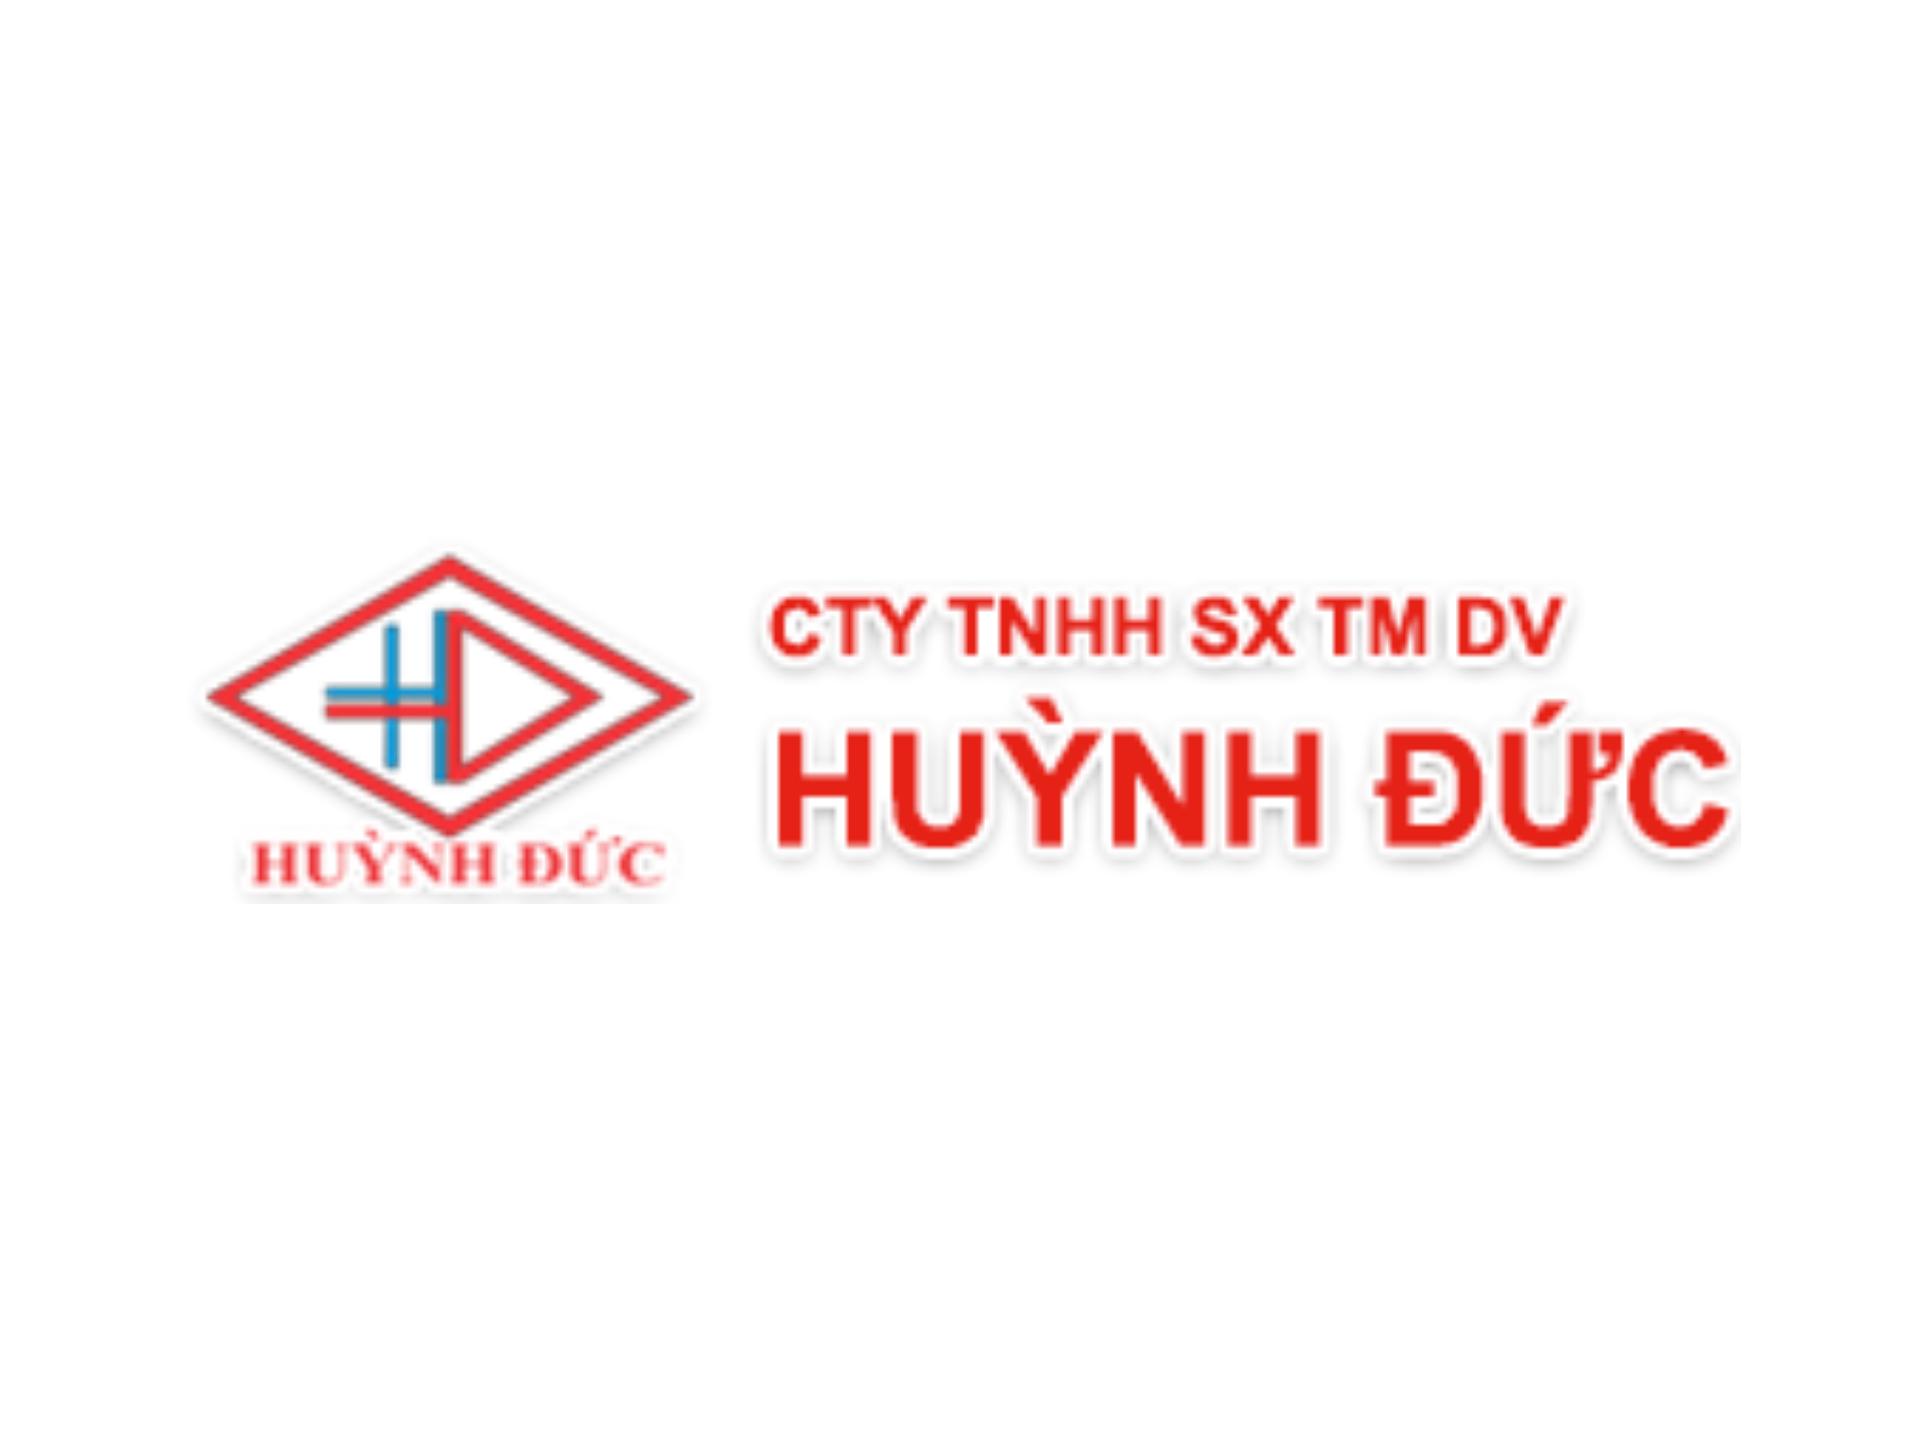 Công Ty TNHH Huỳnh Đức: Ứng Dụng Công Nghệ, Bước Xây Dựng Doanh Nghiệp Bền Vững